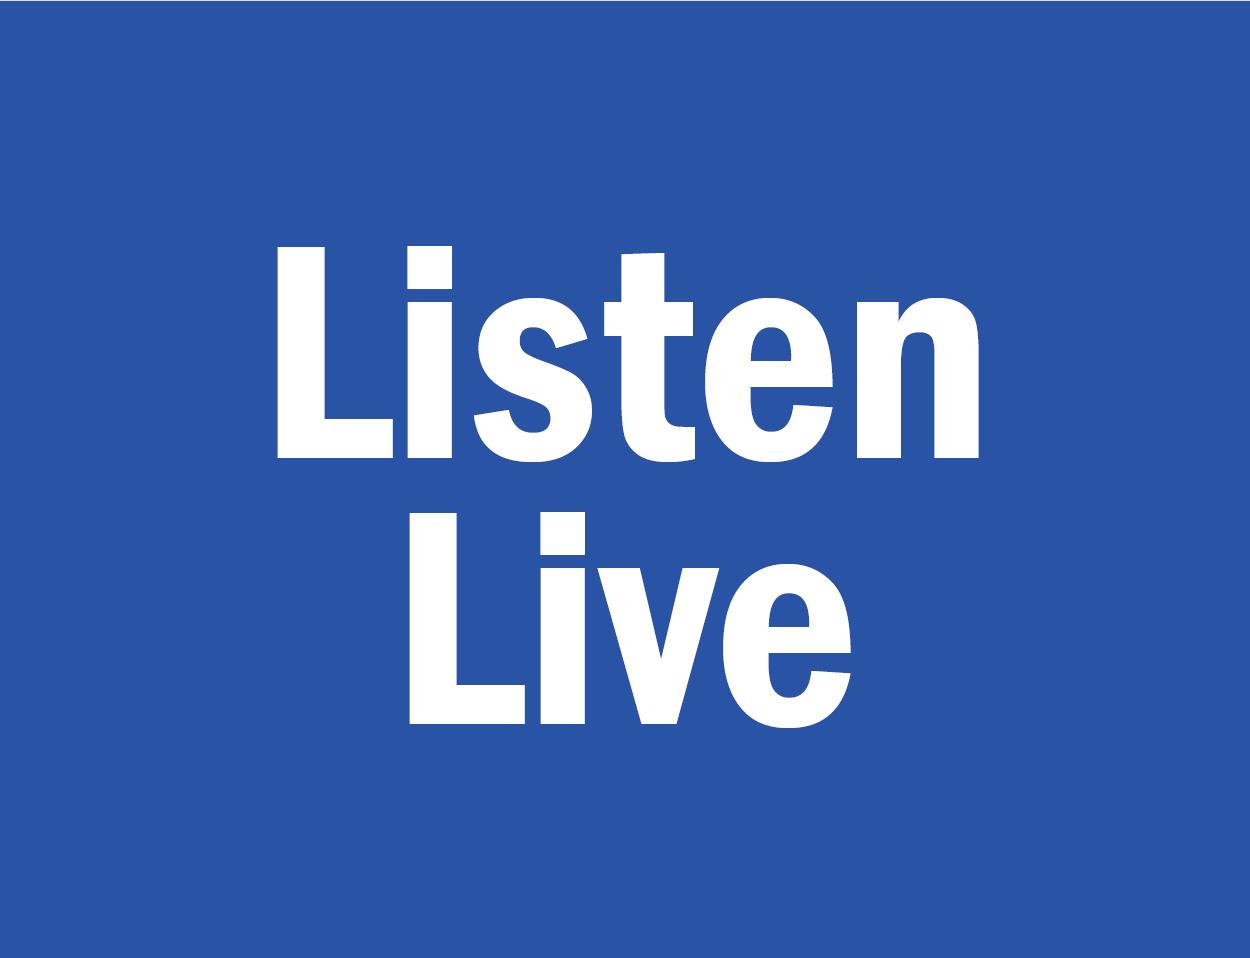 Listen Live in White